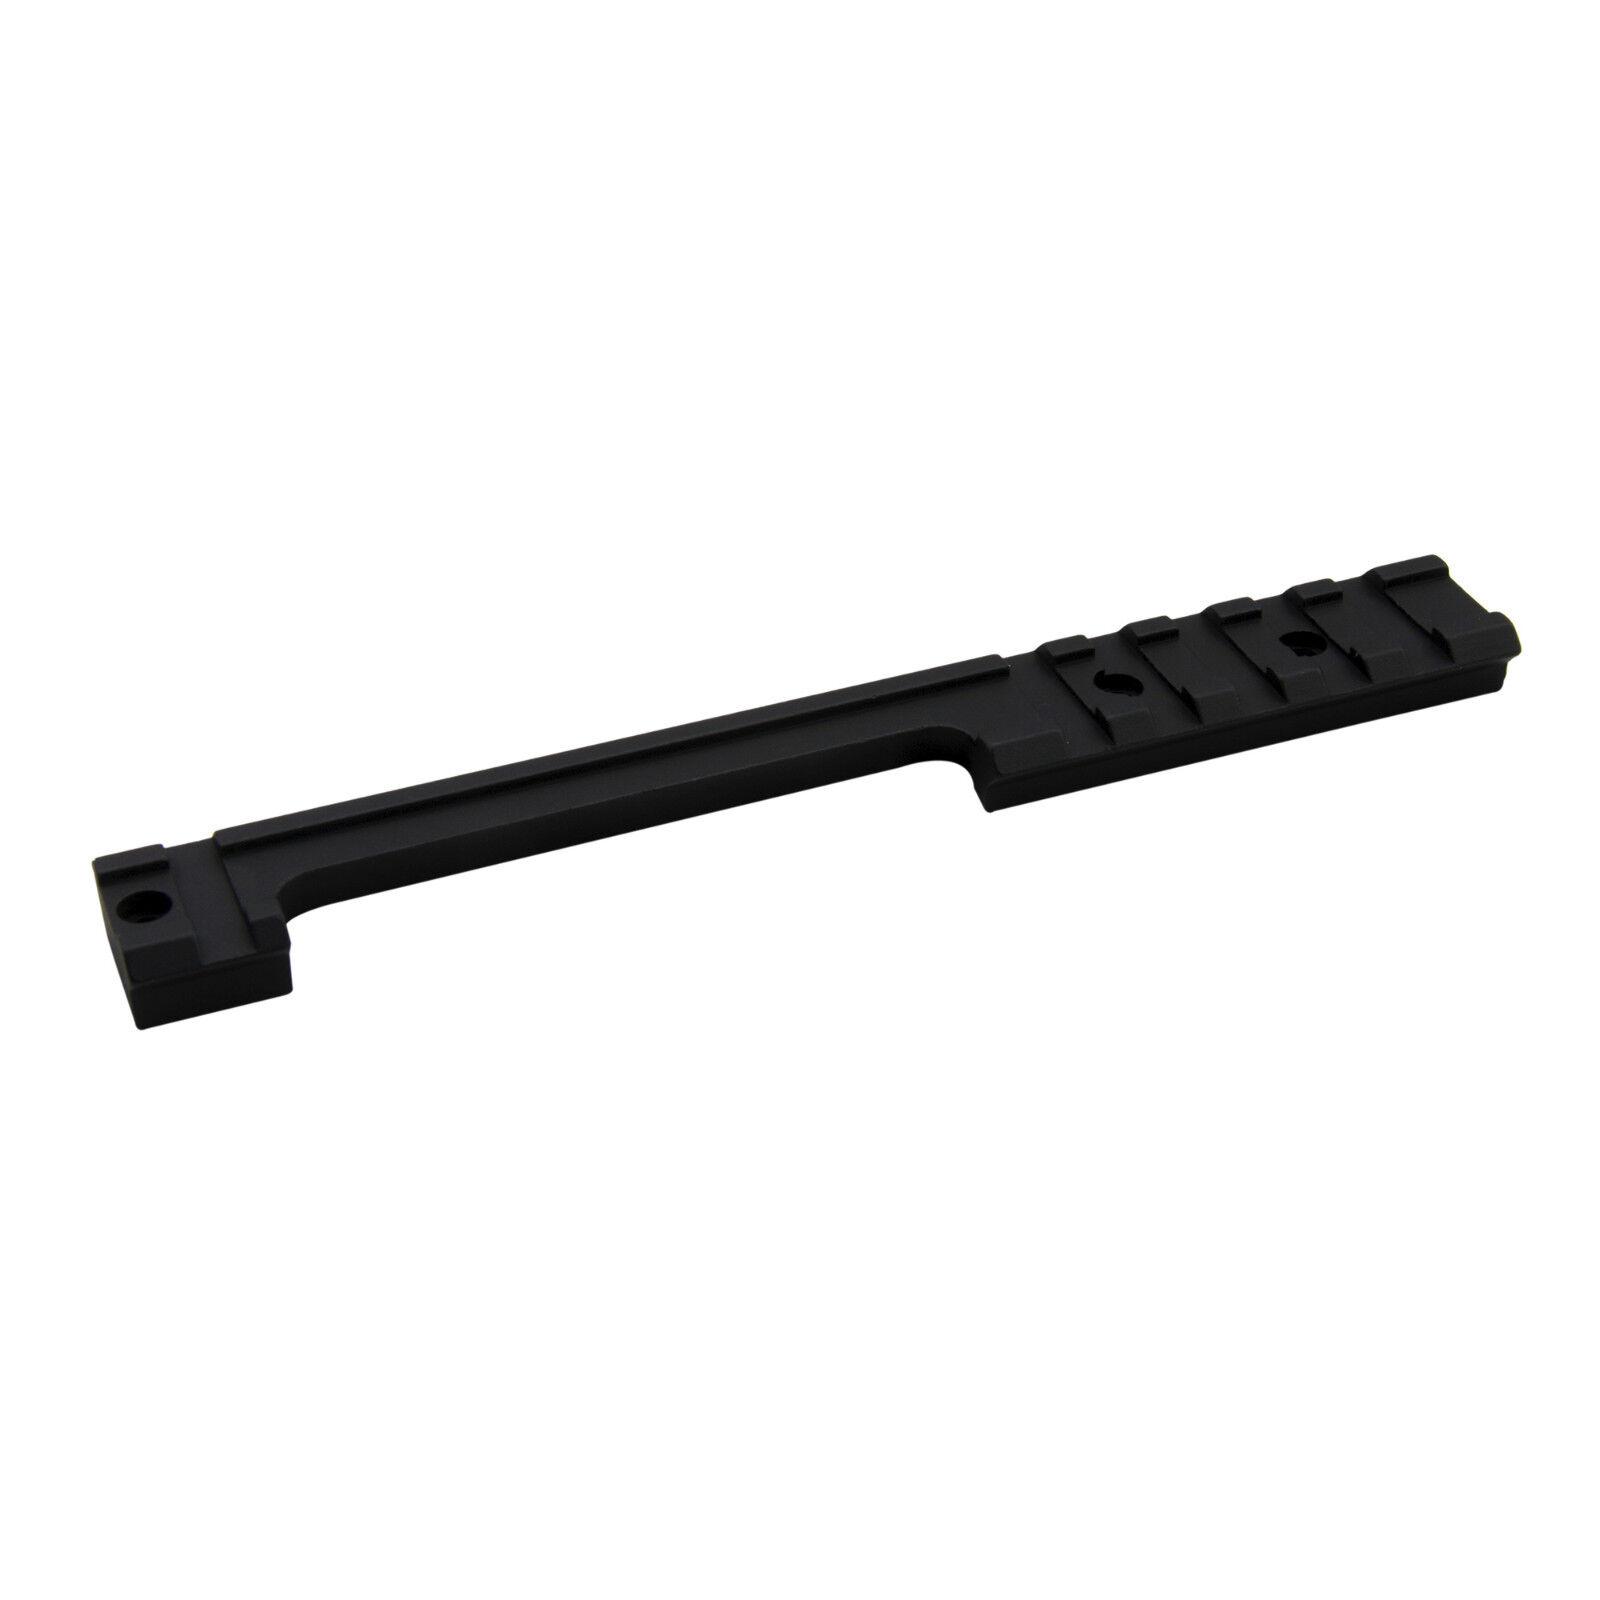 CCOP USA Aluminum Rifle Scope Base Mount Savage 110 10 Short Action AB-SAV002